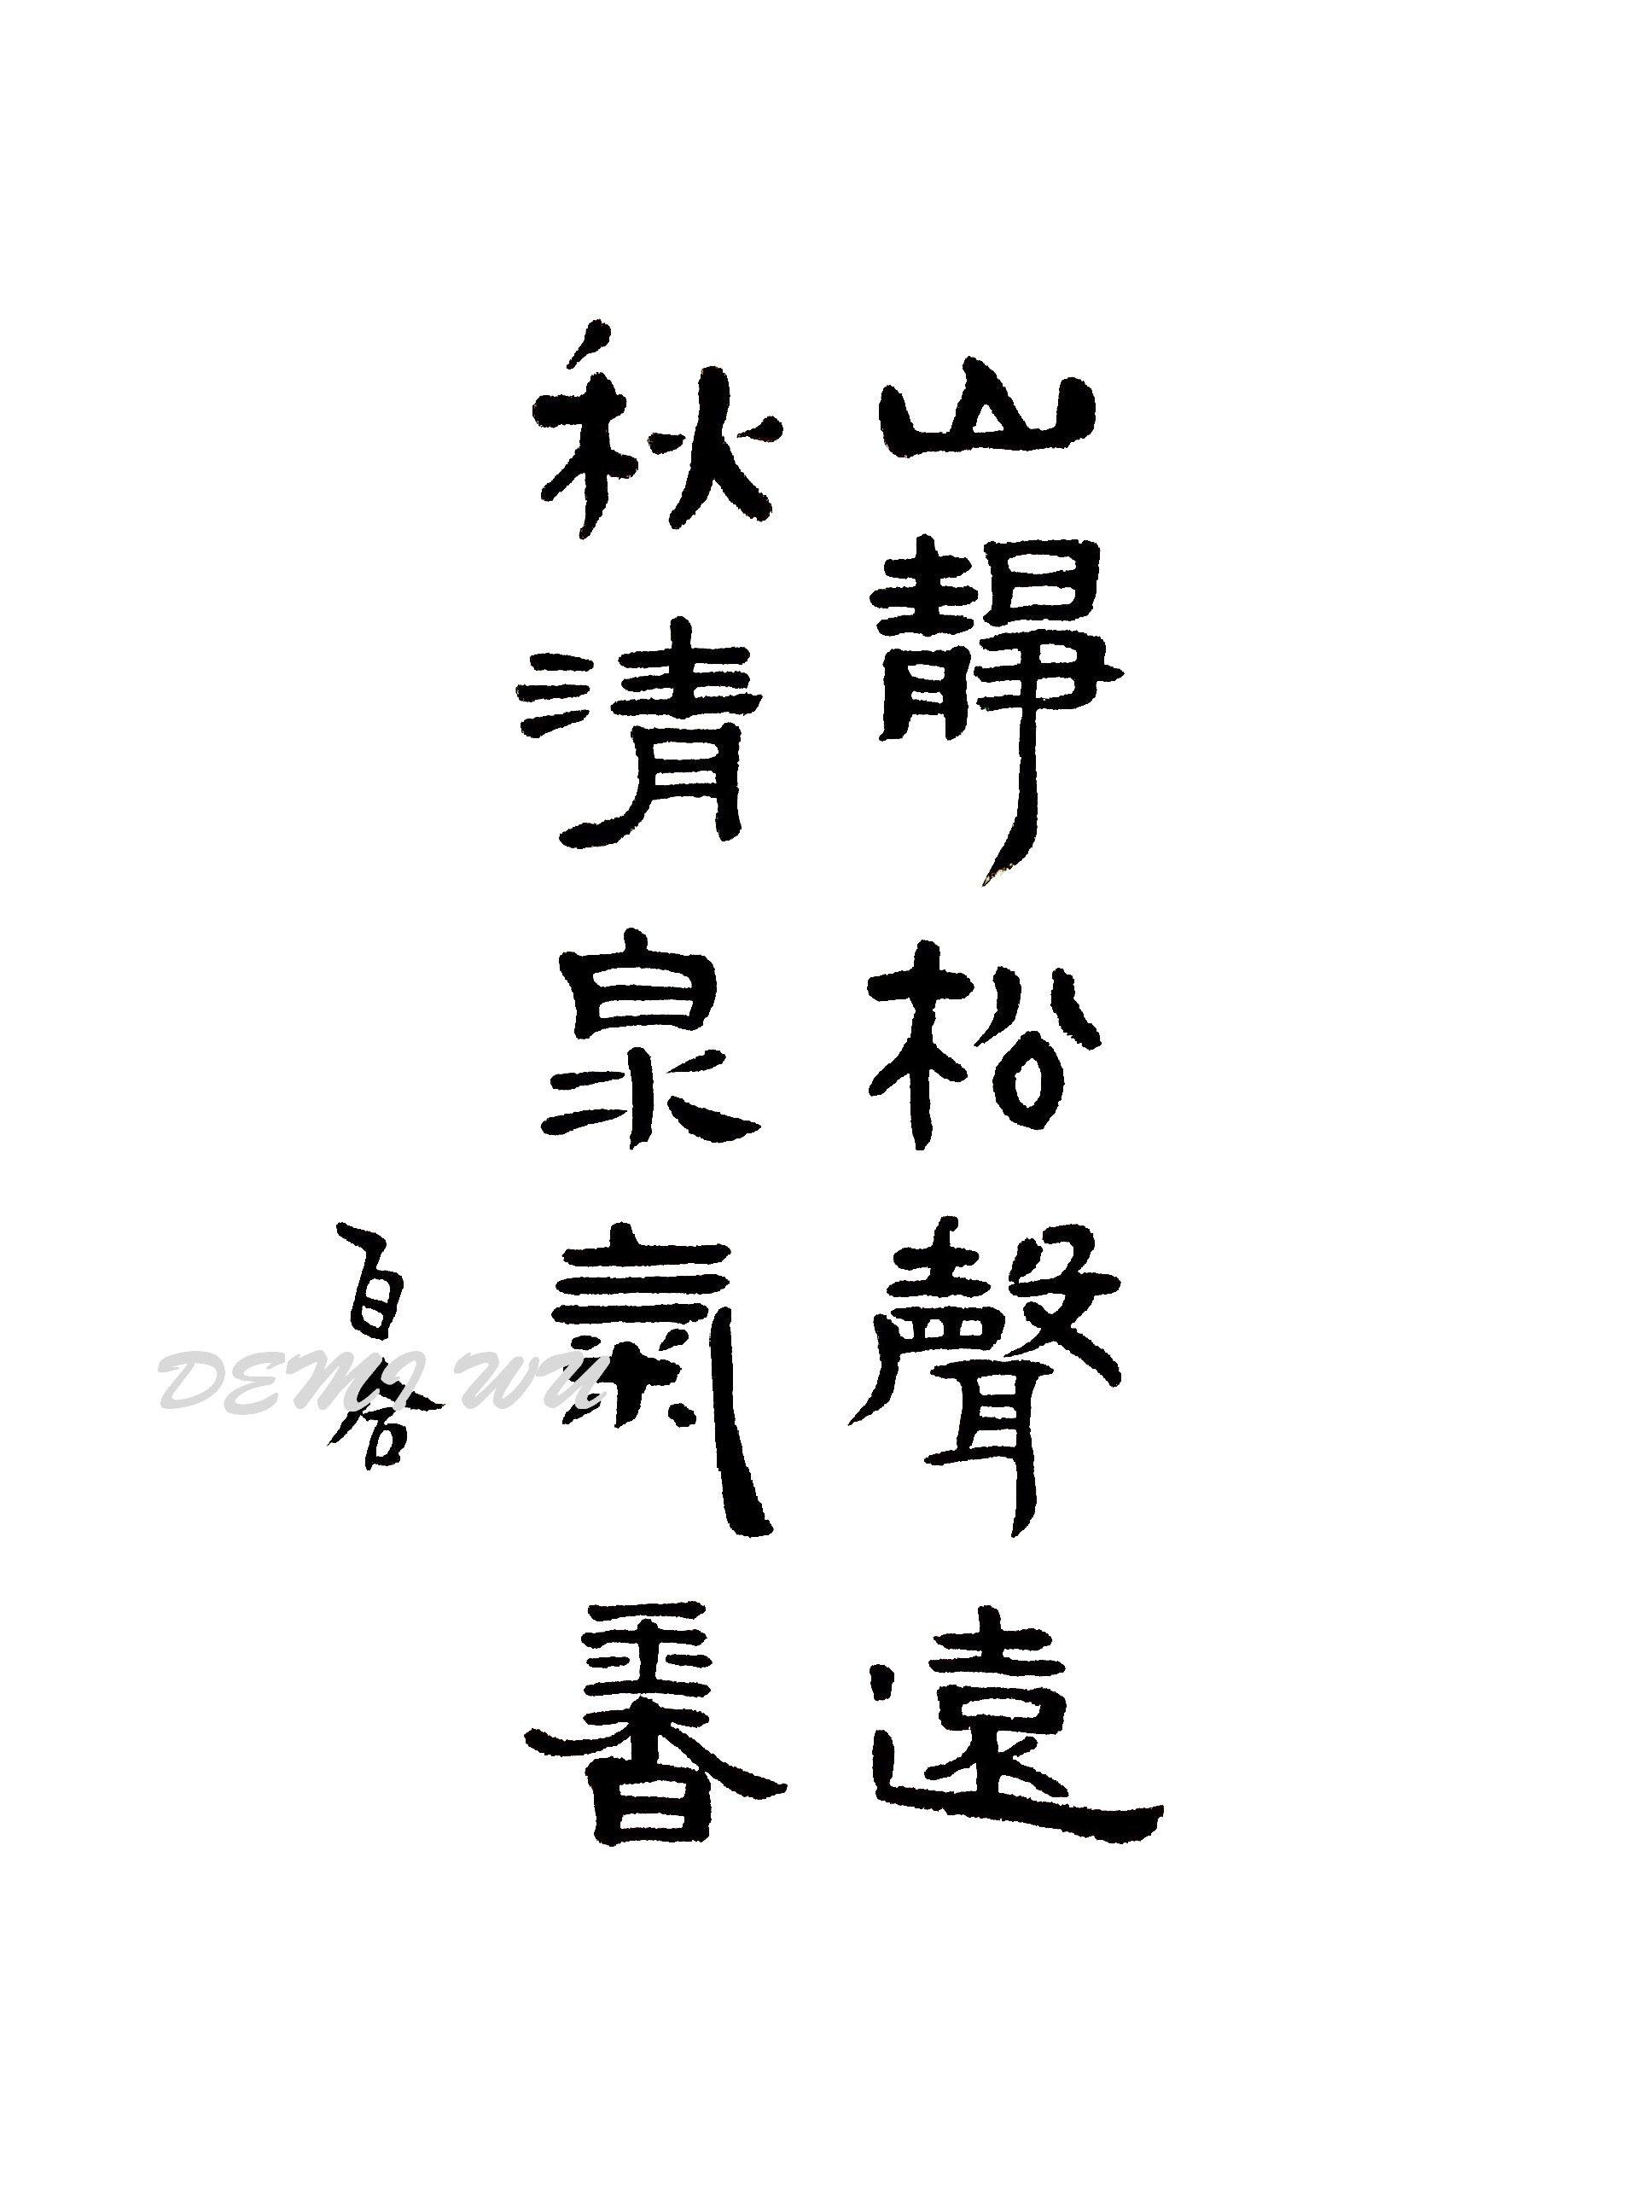 ボード Calligraphy のピン